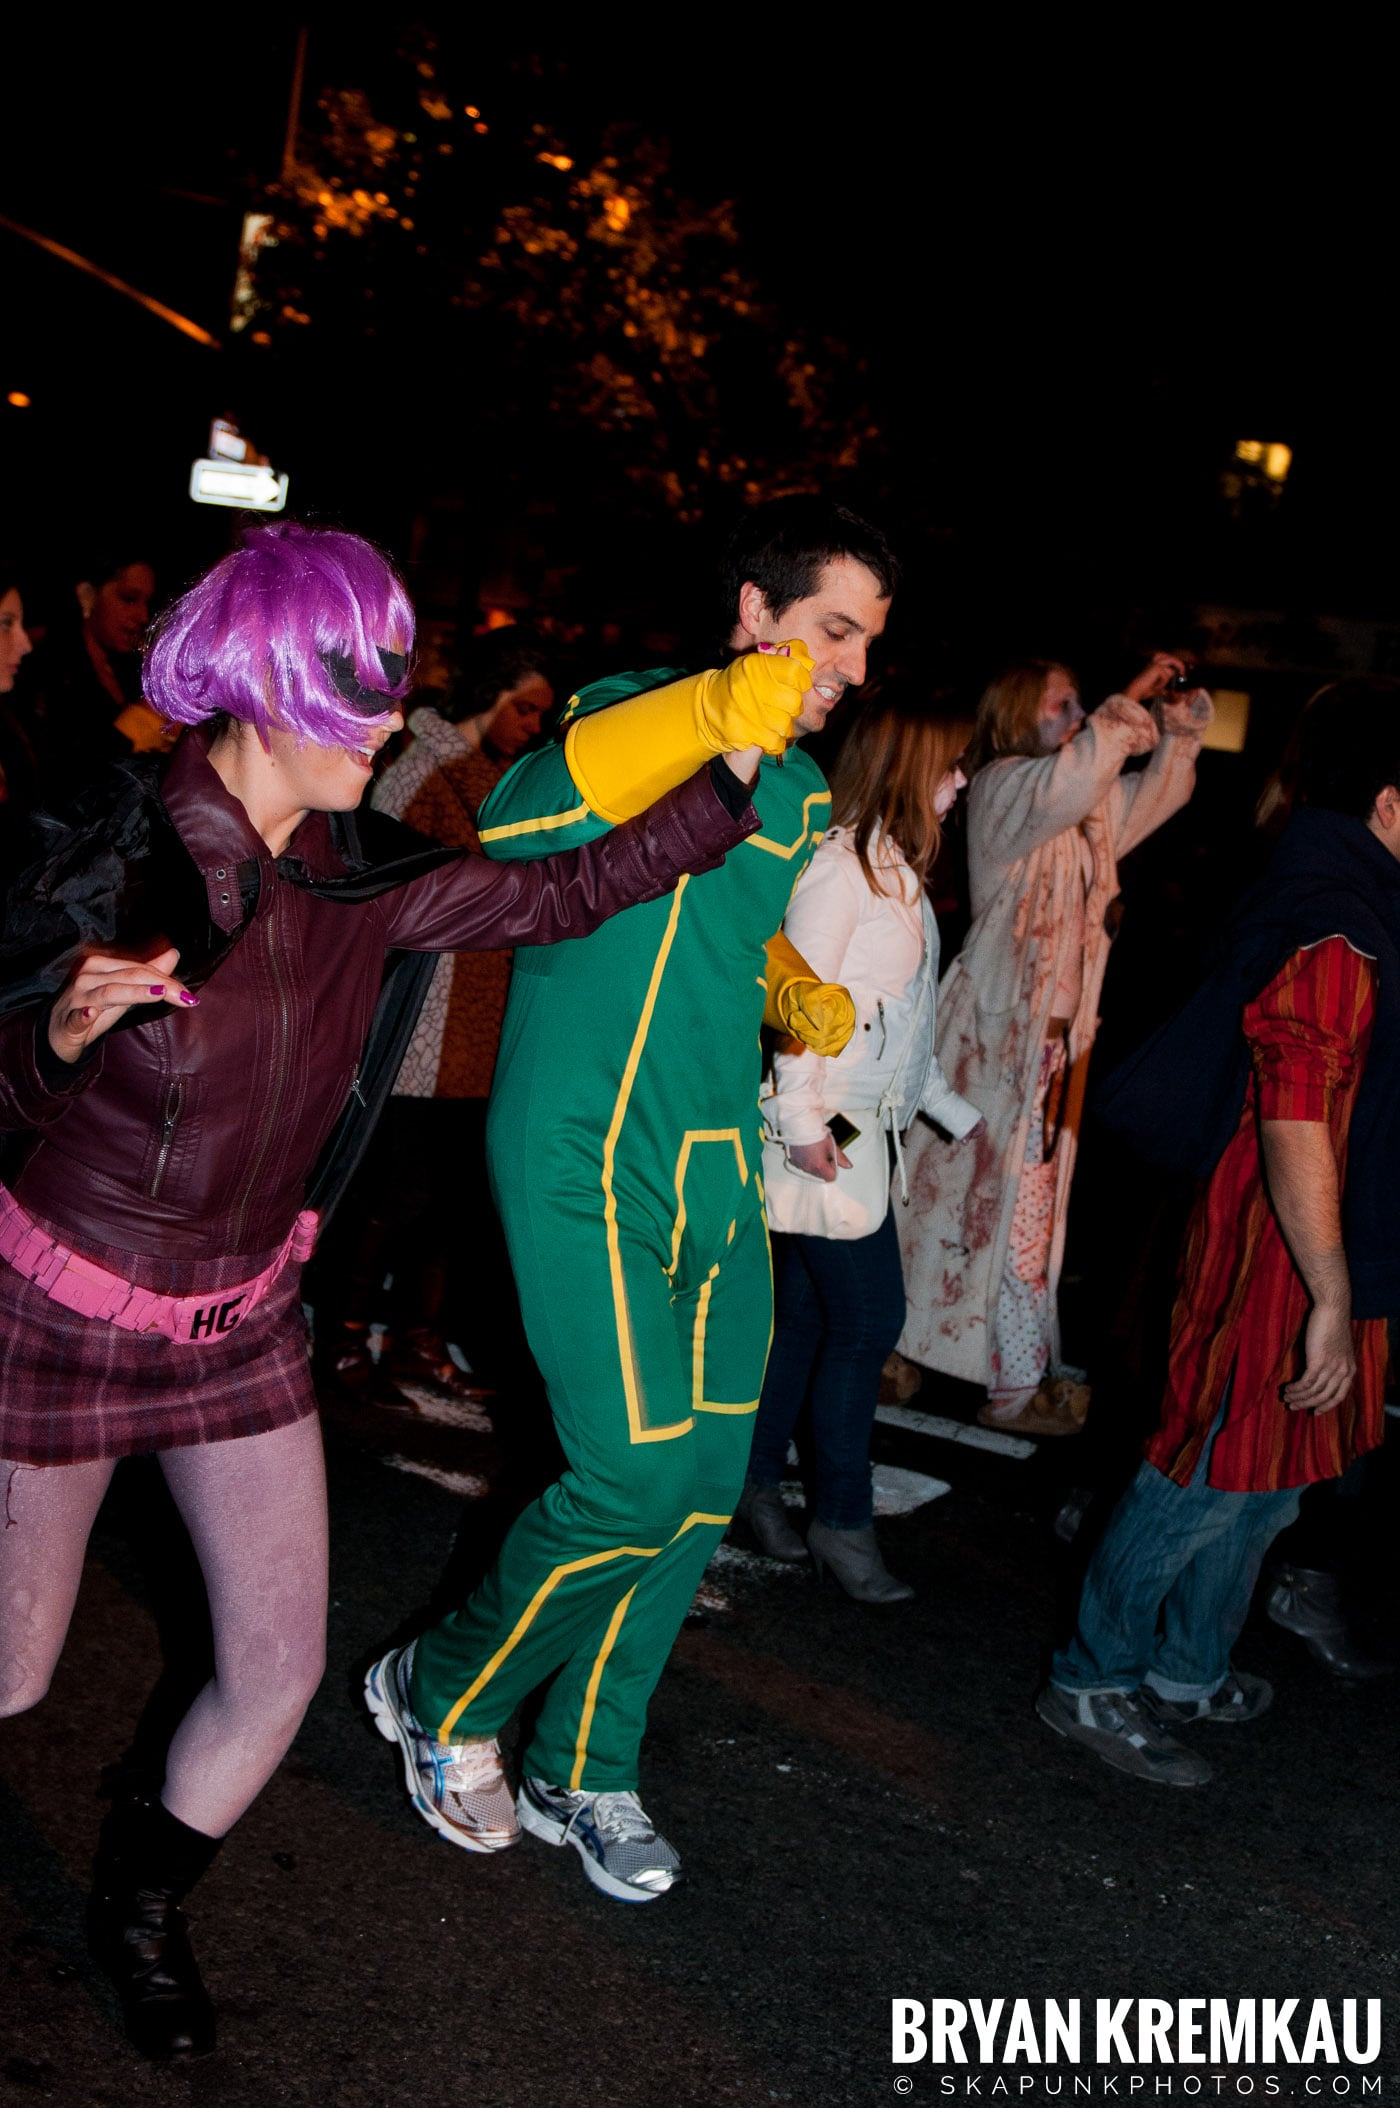 NYC Halloween Parade 2011 @ New York, NY - 10.31.11 (56)